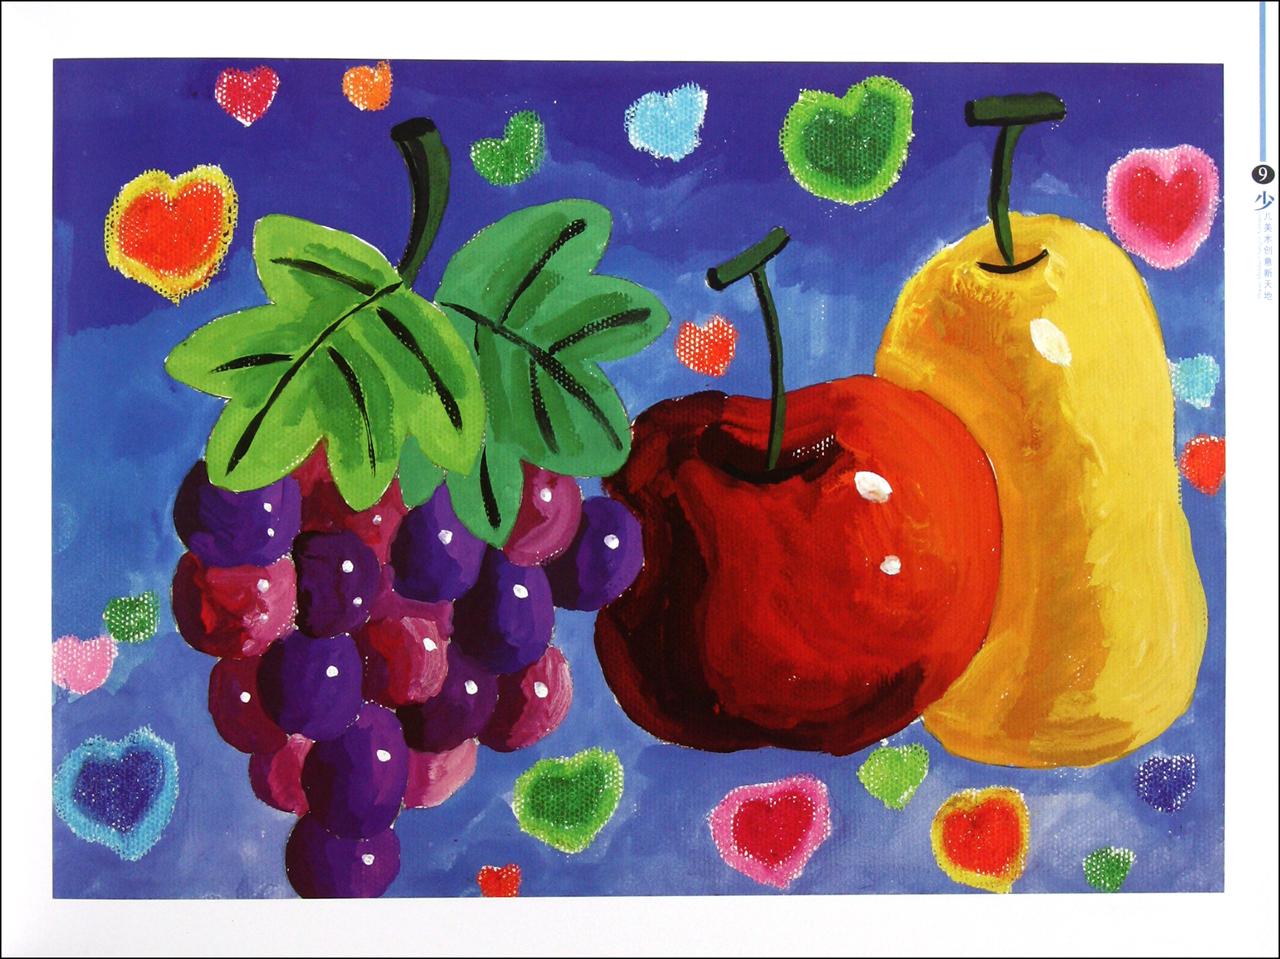 幼儿园颜料绘画作品-幼儿简单水粉画图片 幼儿心形图片射精 幼儿简单水粉画